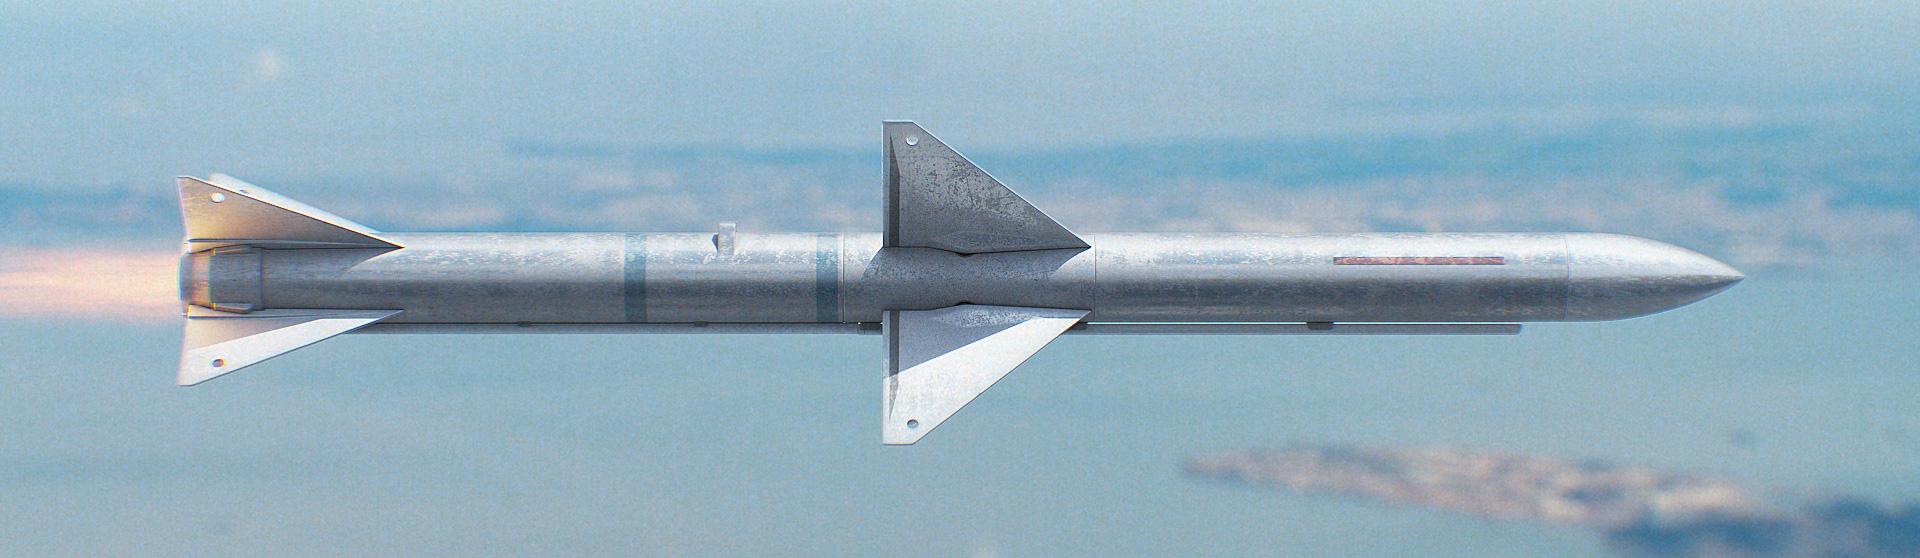 Download Sparrow Missile 3D Model